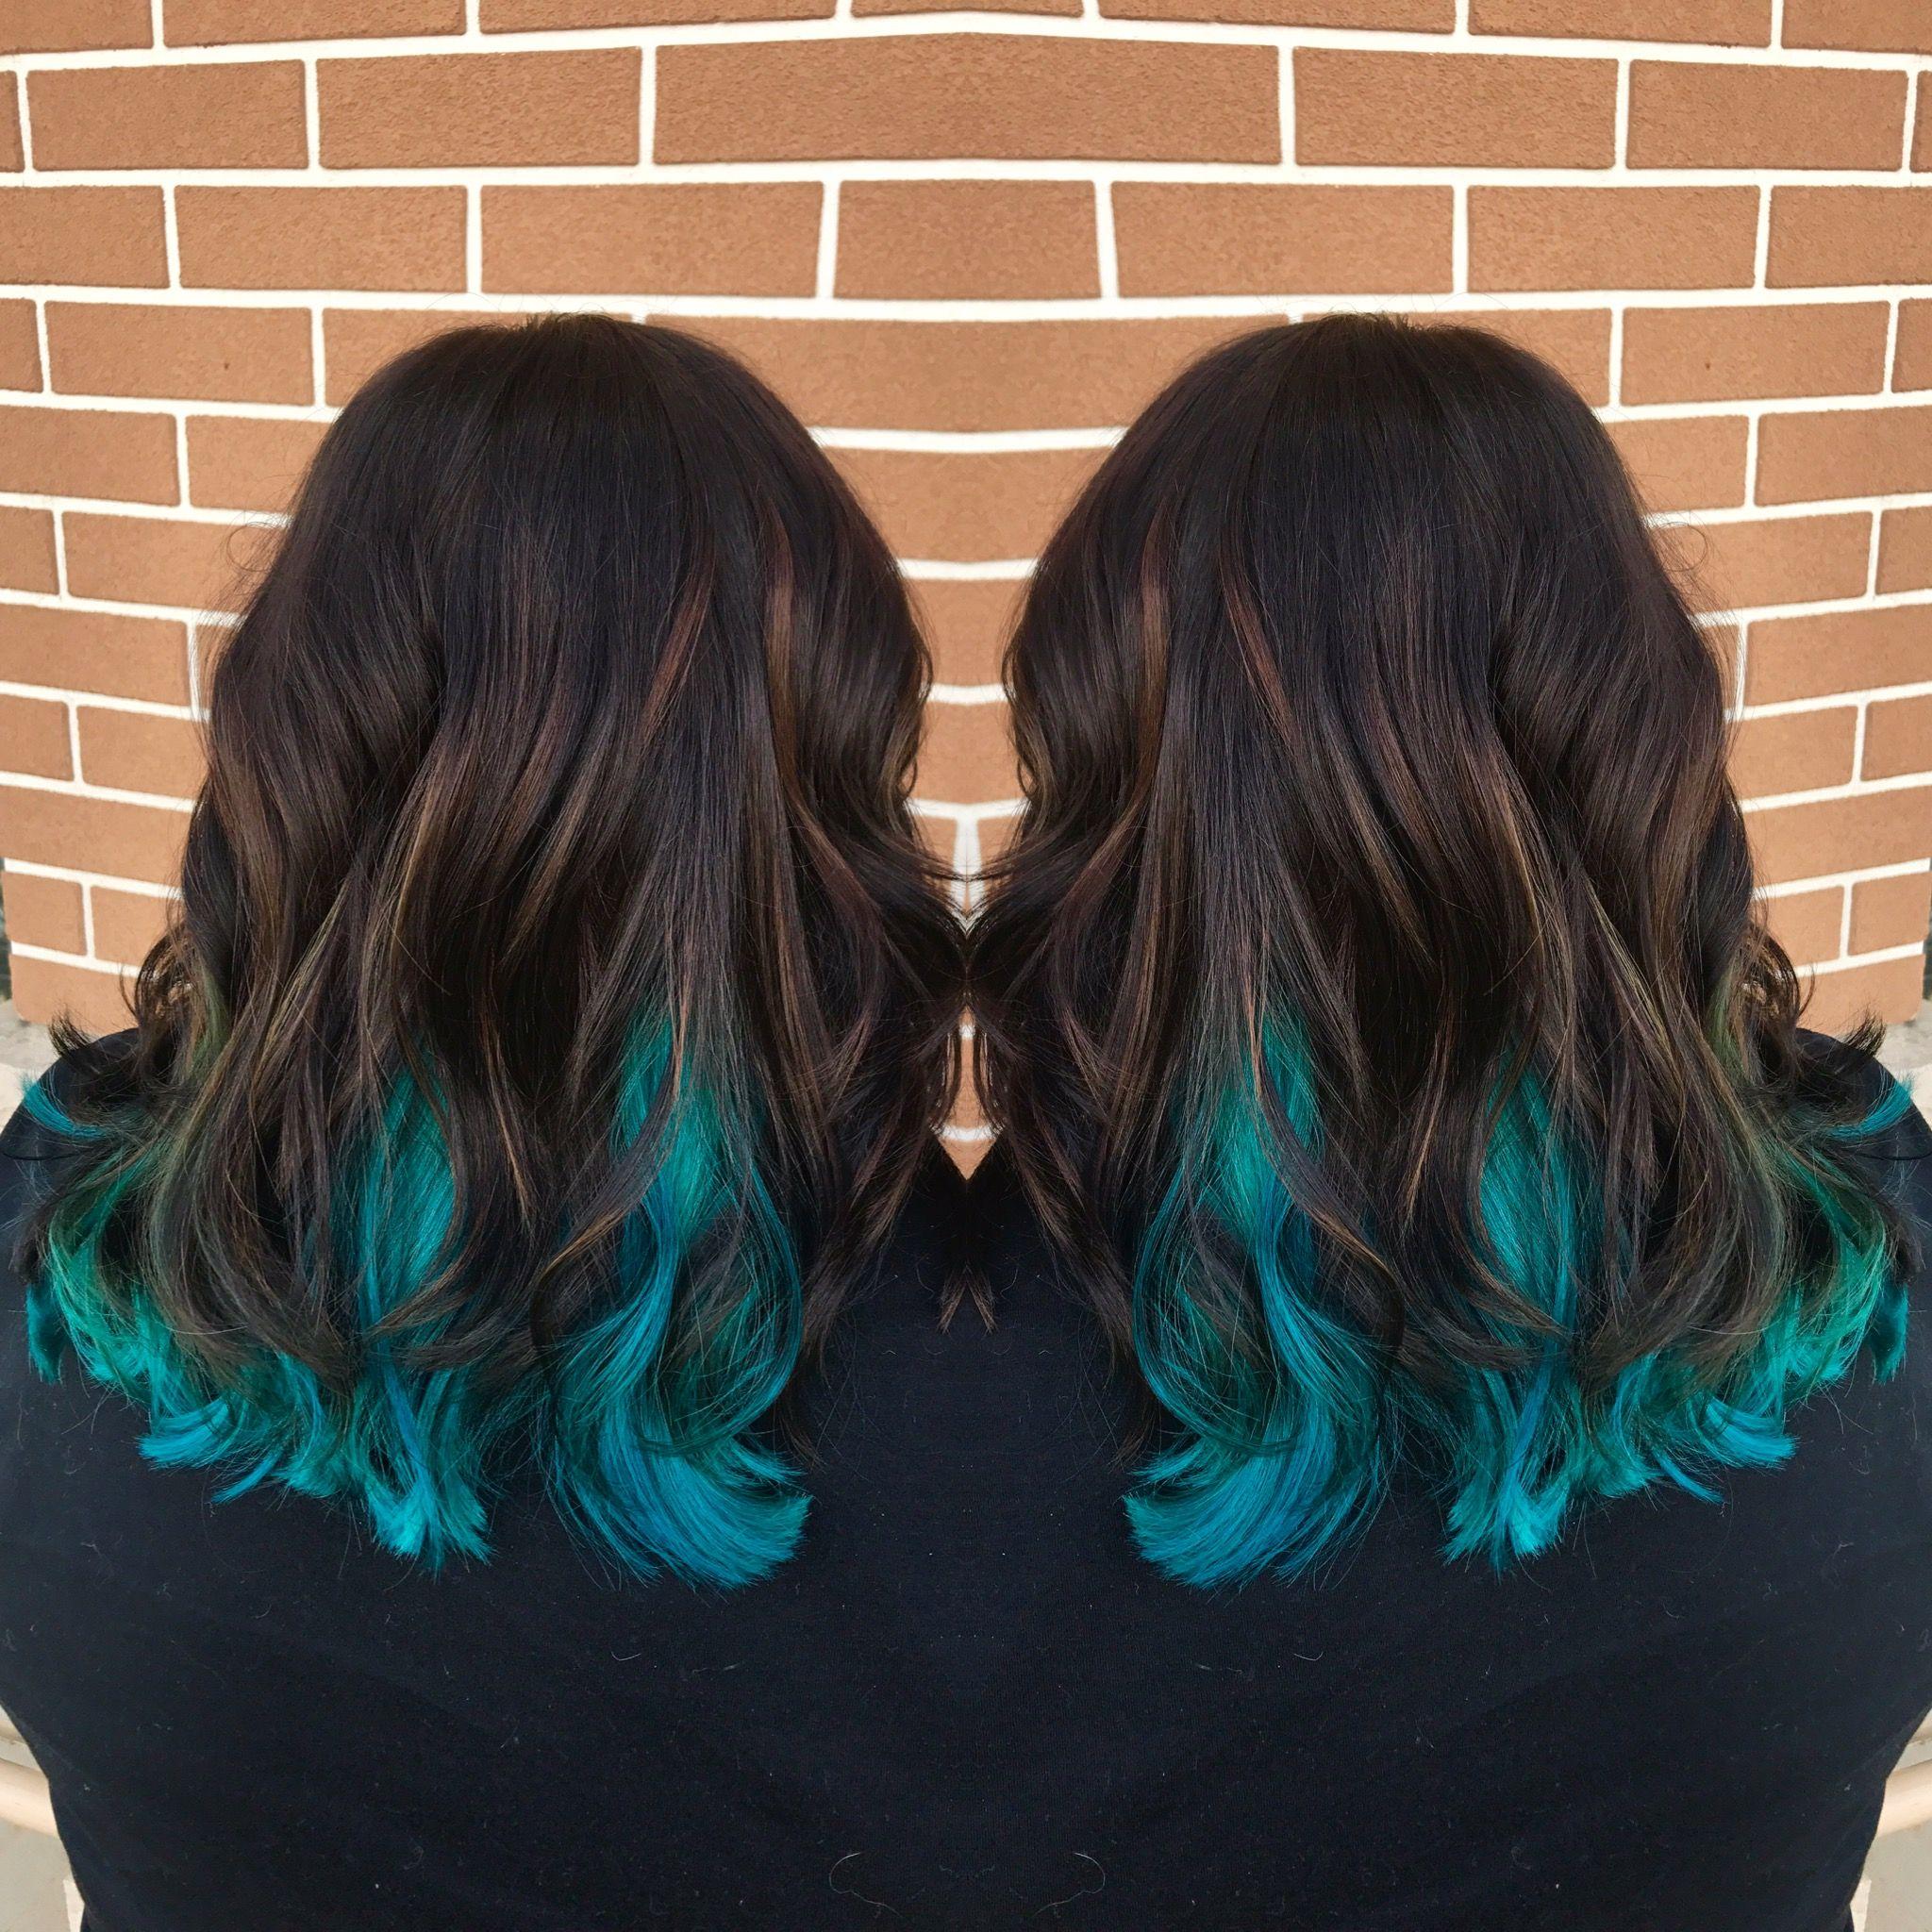 Teal Hair Peekaboos Balayage Caramel Highlights Blue Hair Don T Care Teal Hair Hairdo Blue Hair